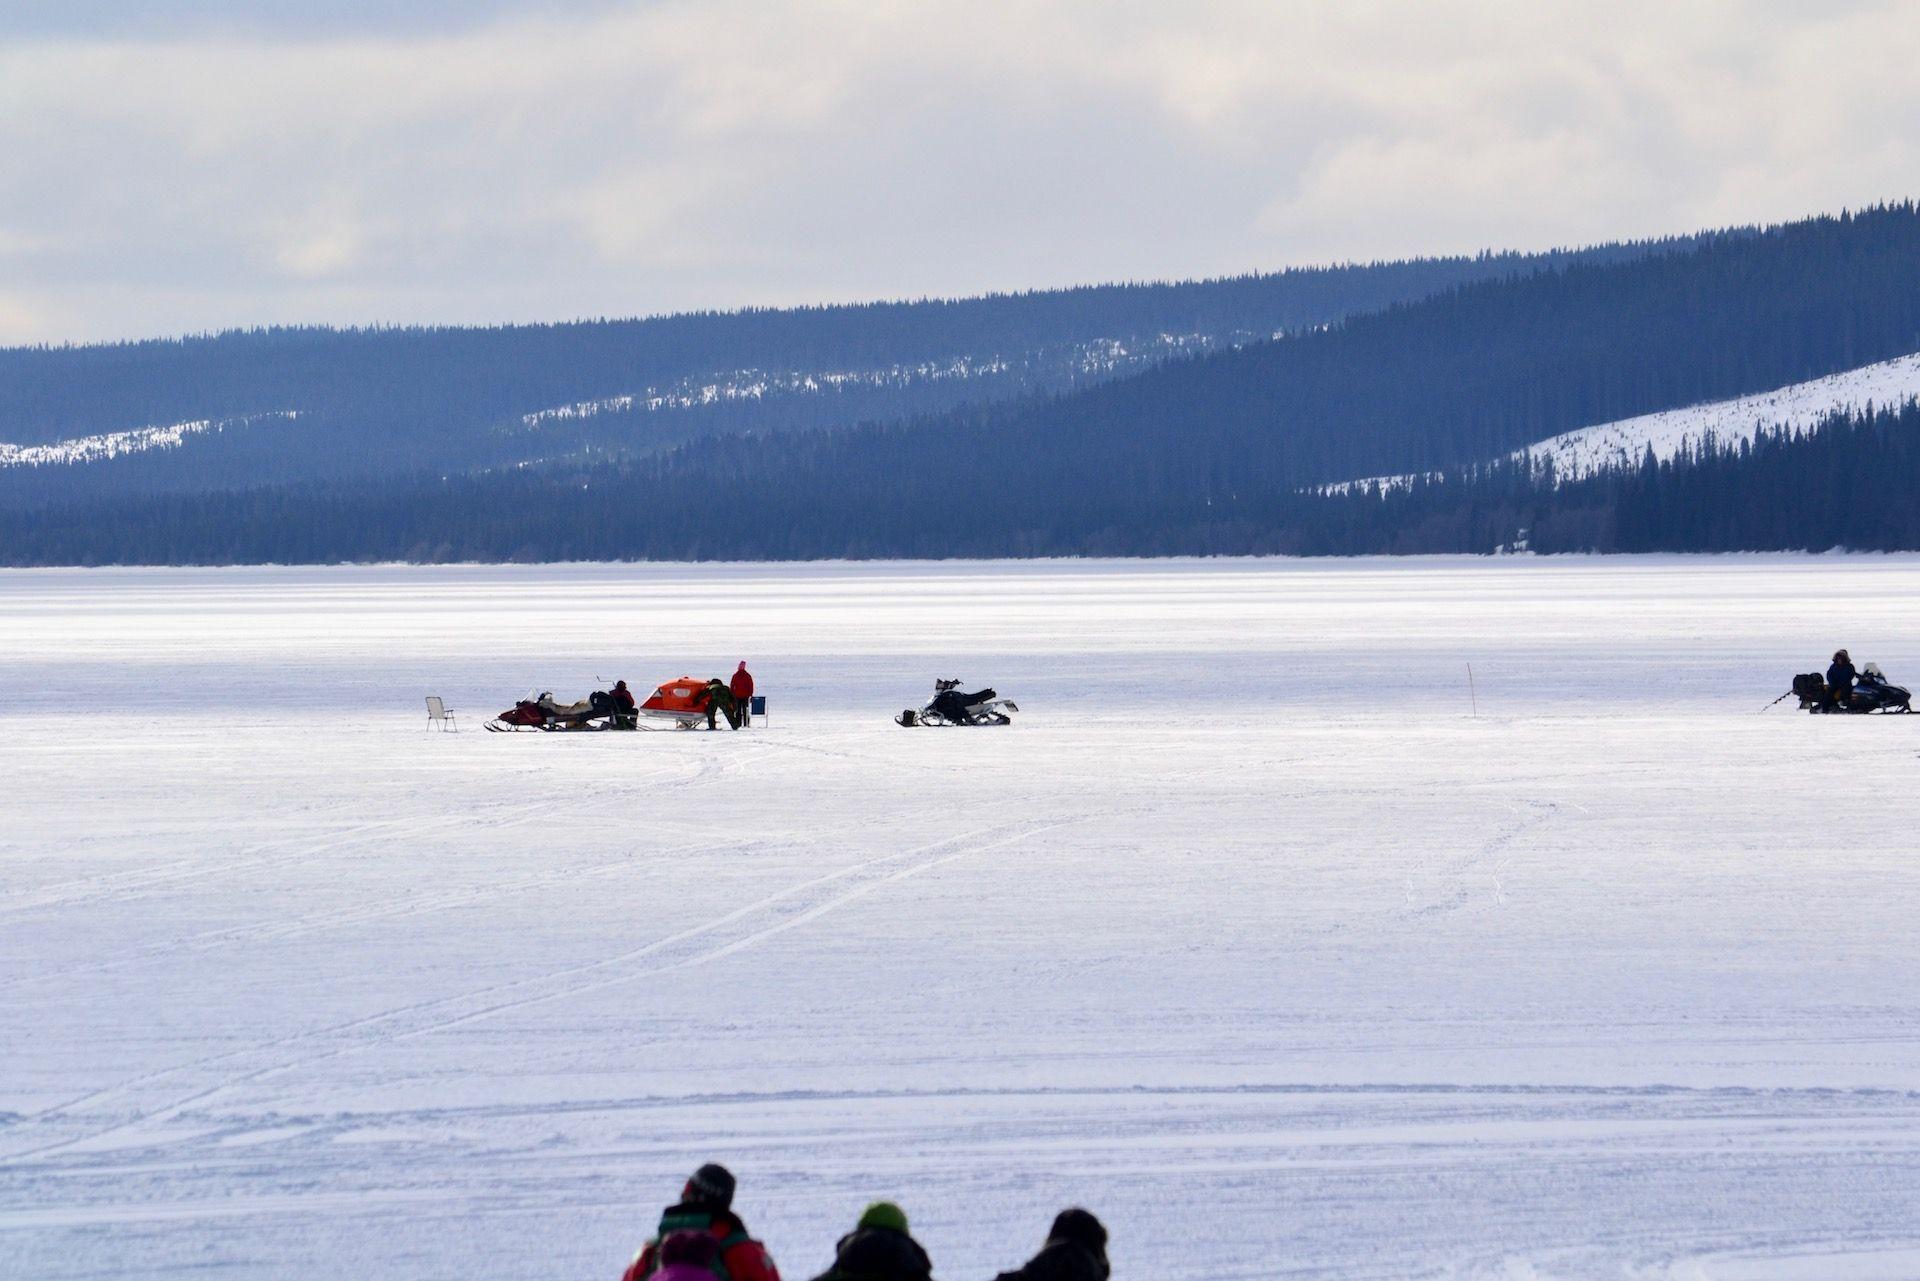 Pimpelfiske på isen på Åkersjön. Foto © flyttatillfjallen.se